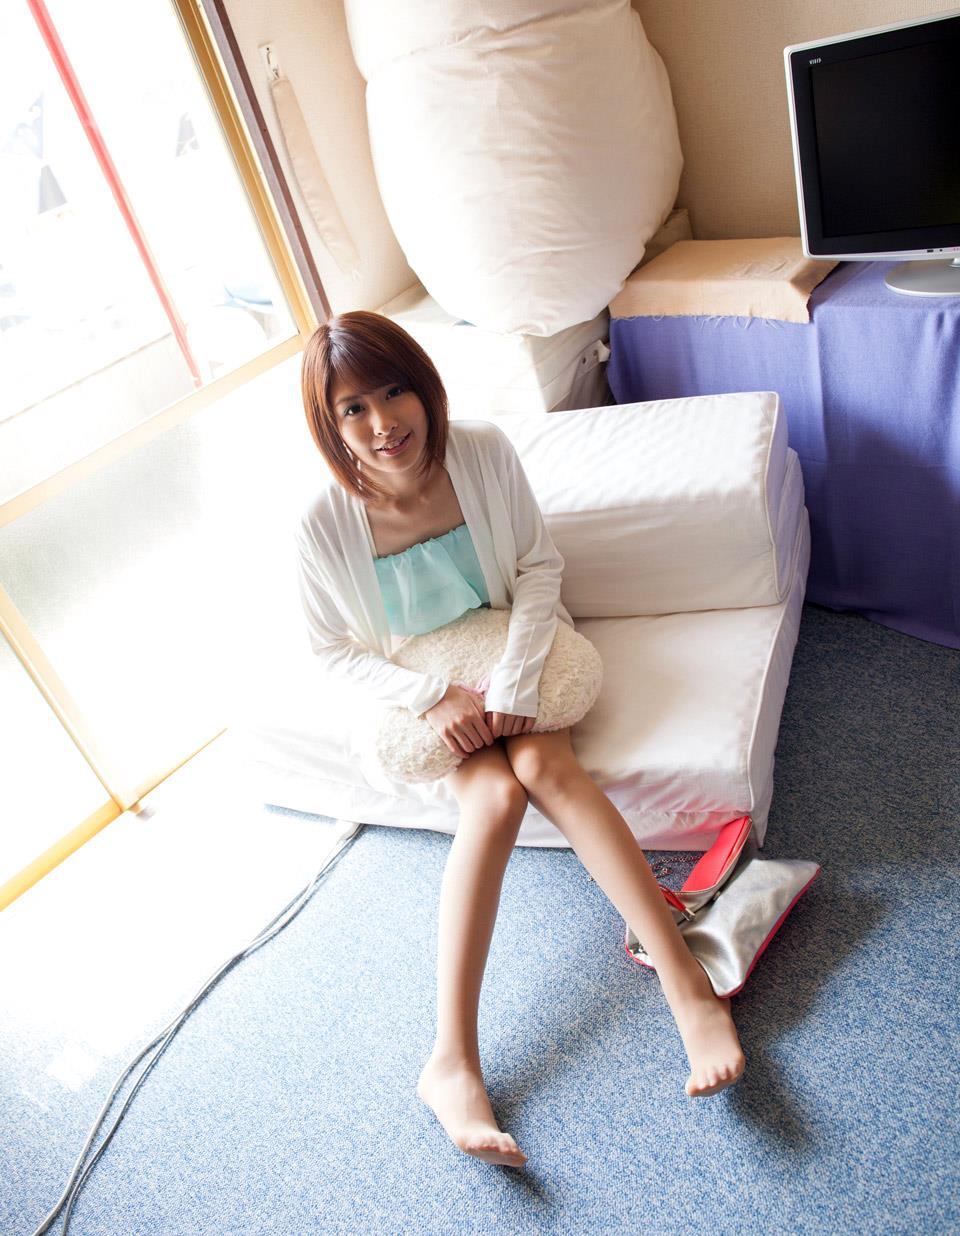 夏目優希 画像 18